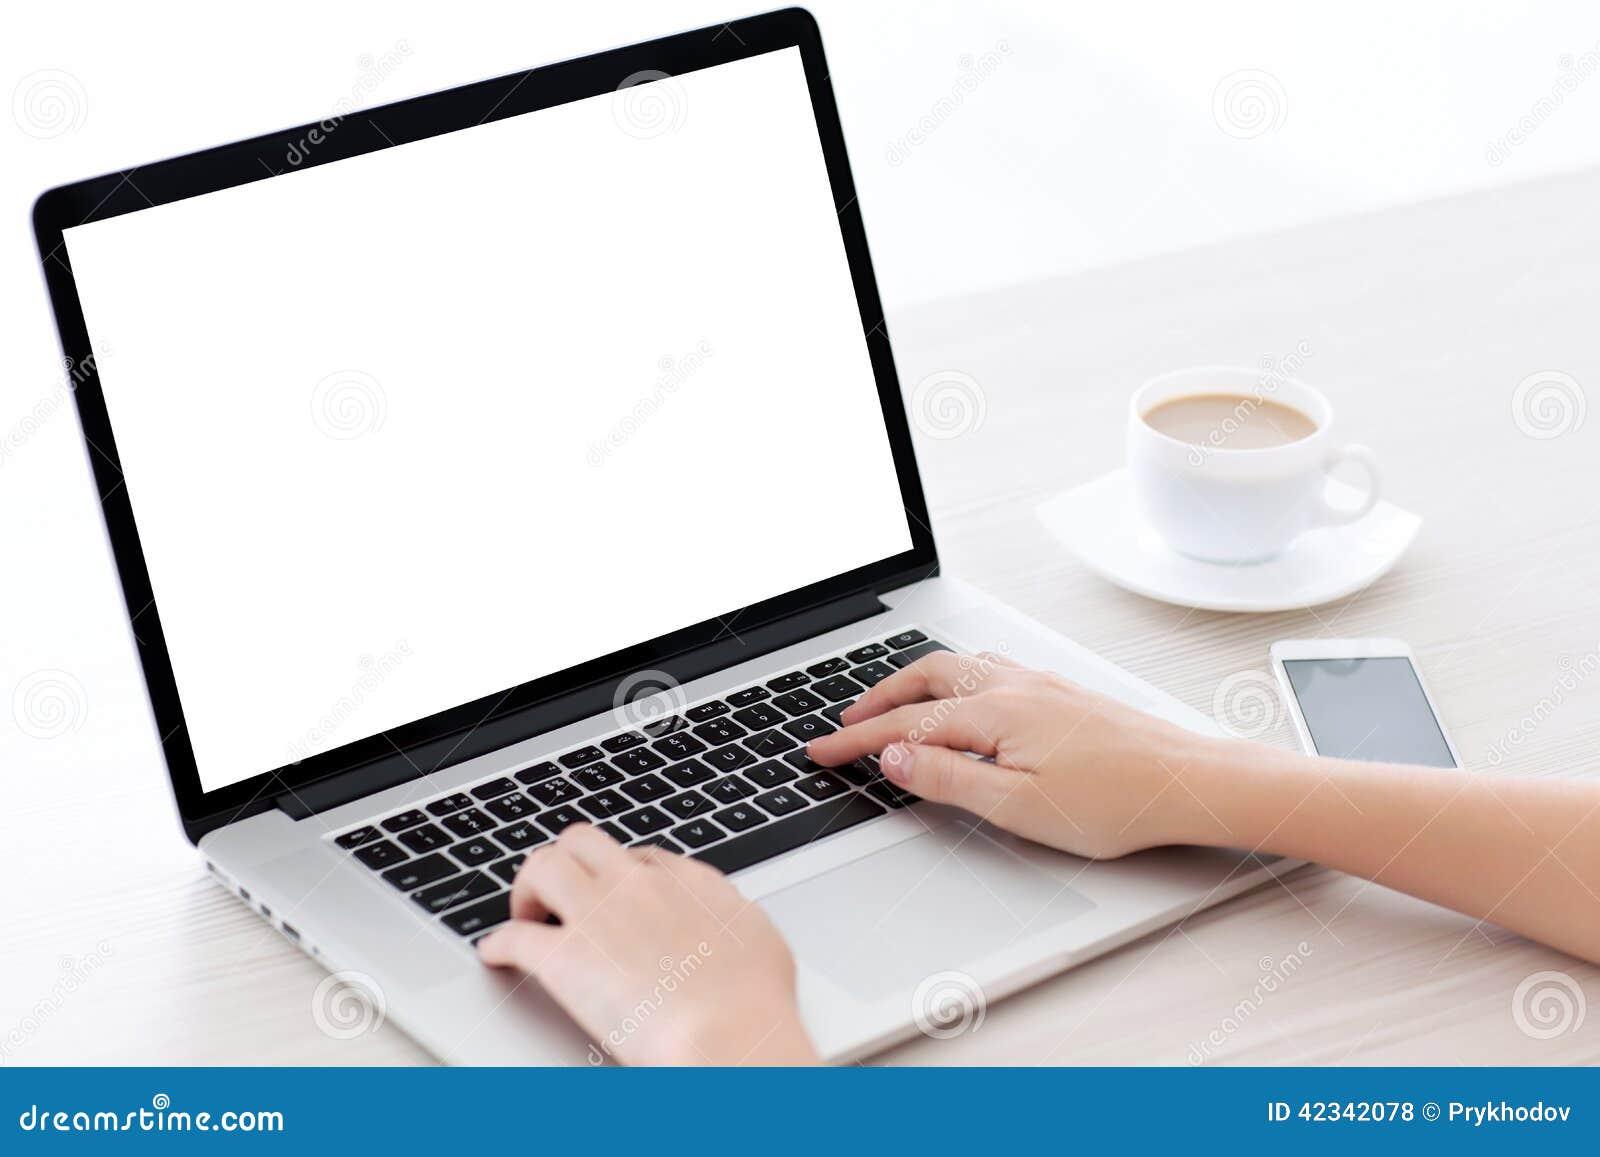 Θηλυκά χέρια που δακτυλογραφούν σε ένα πληκτρολόγιο lap-top με την οθόνη μέσα